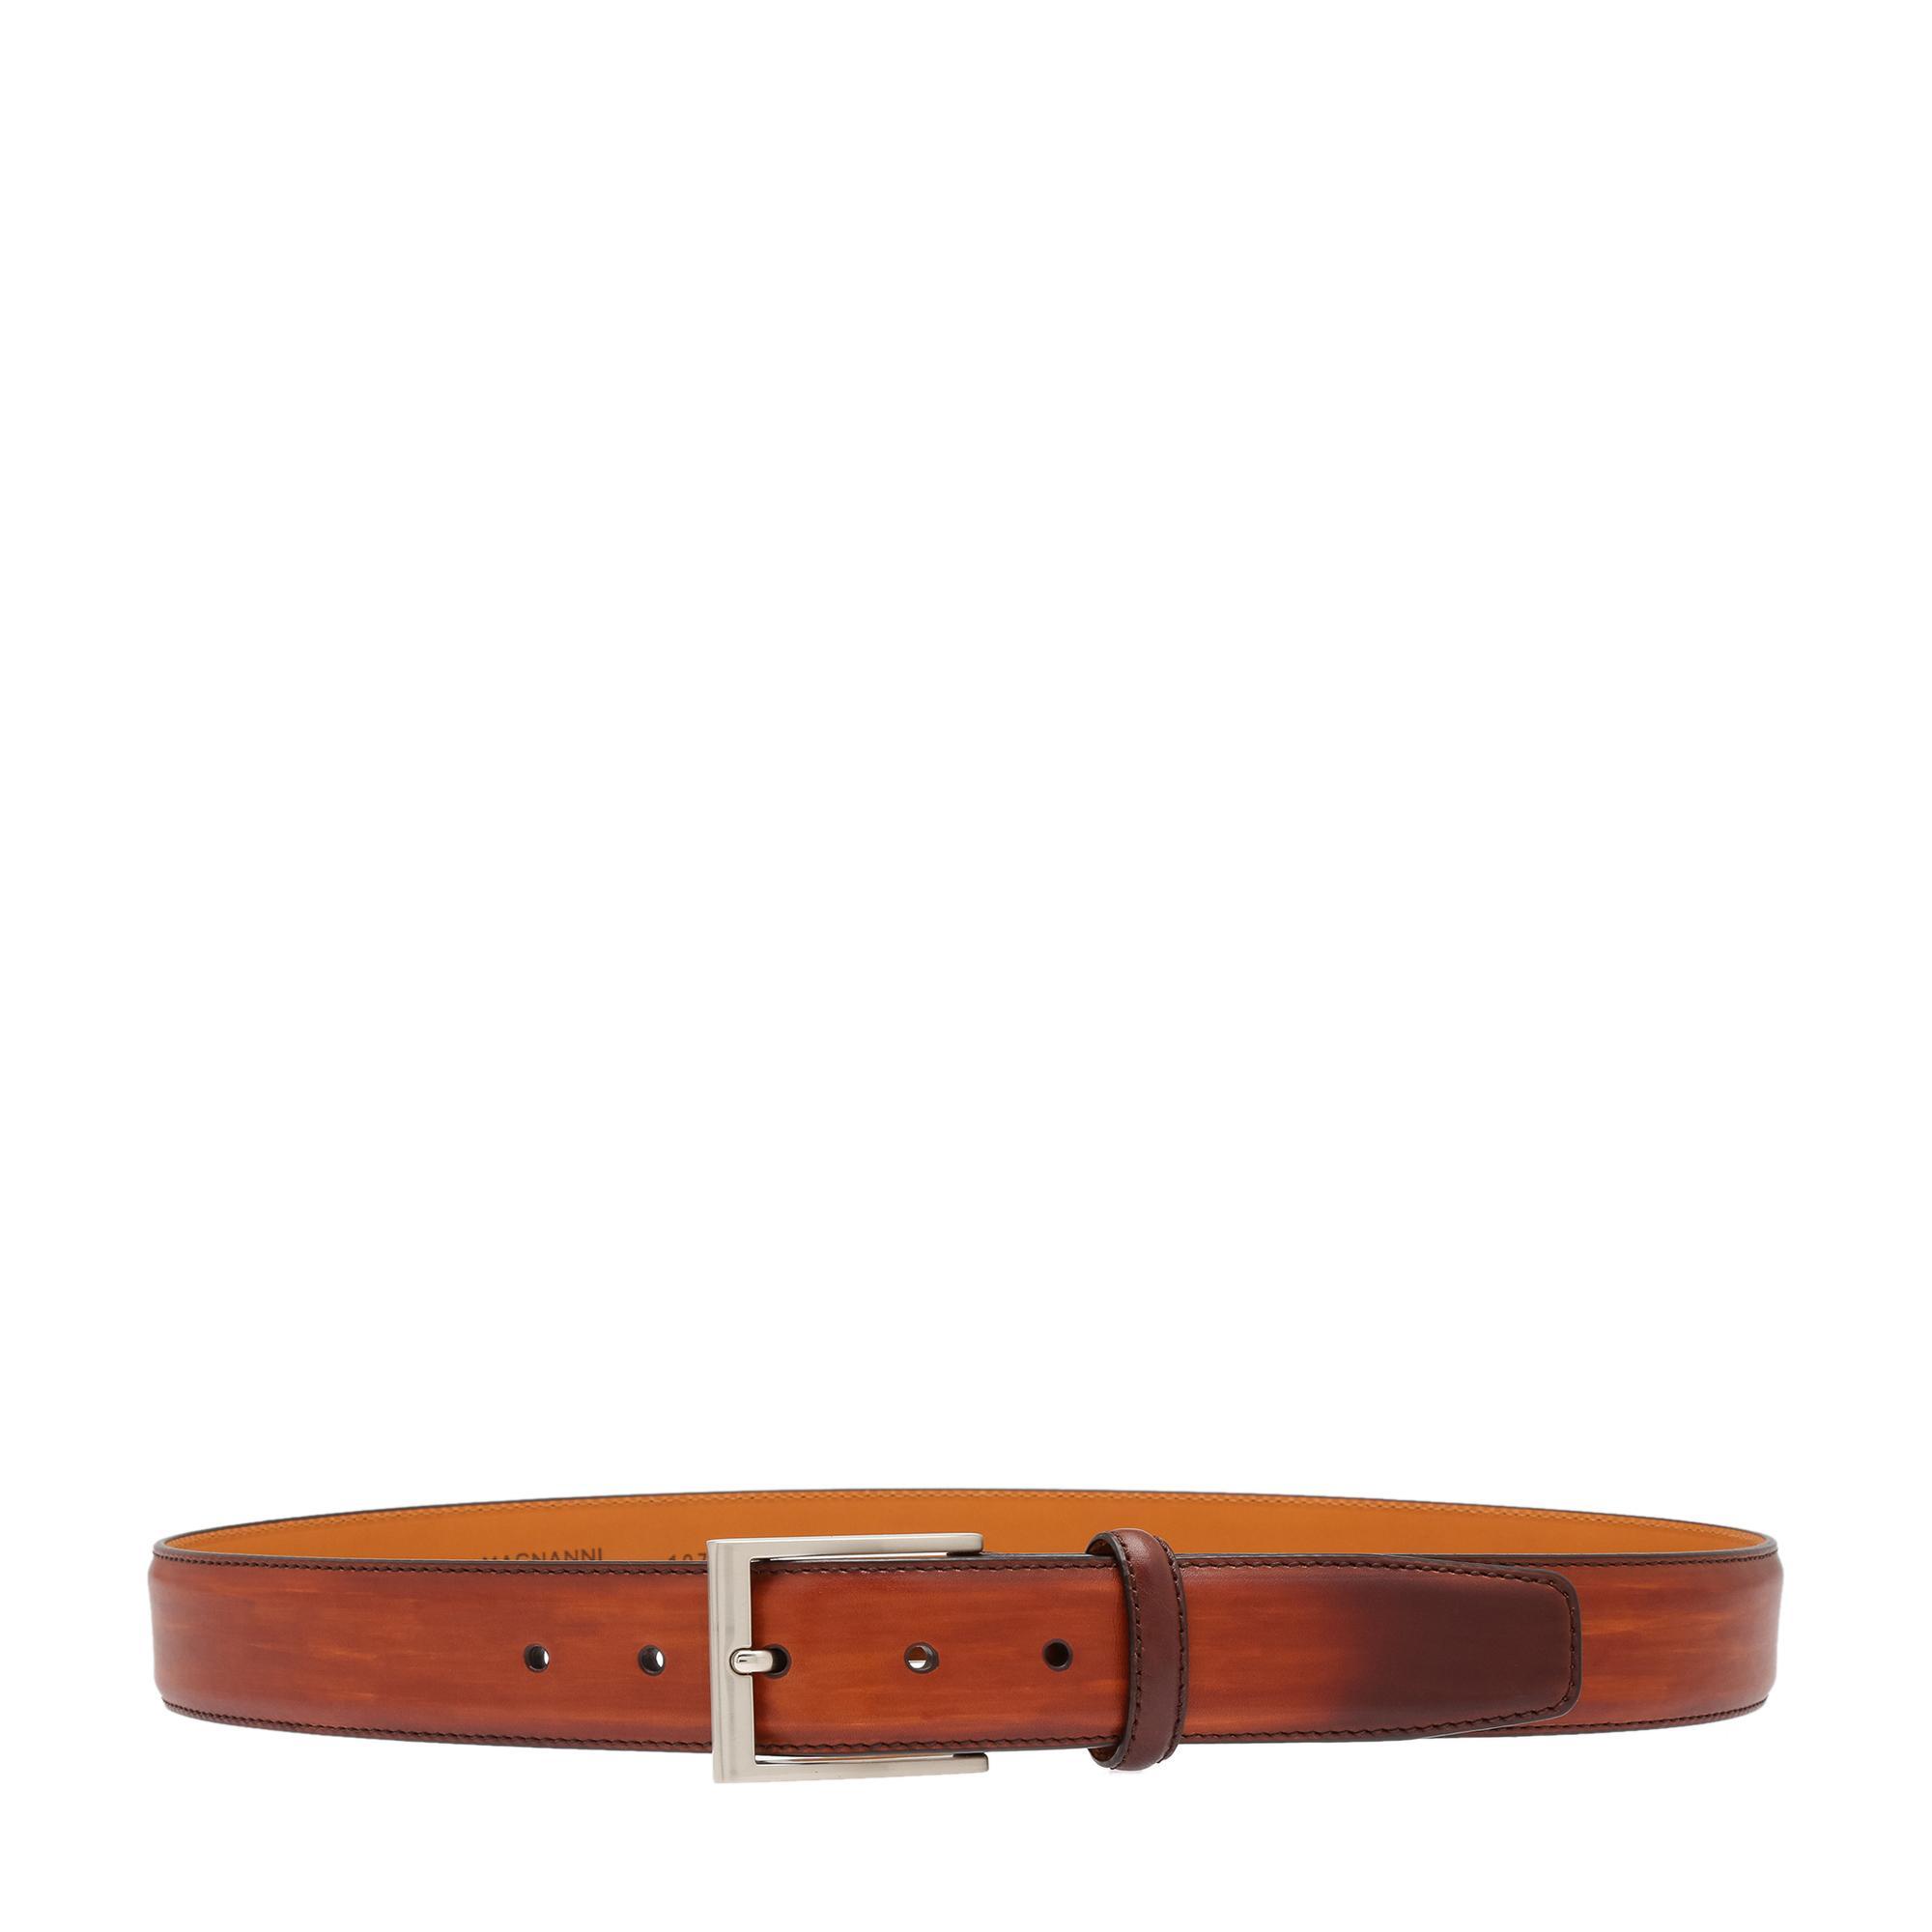 Viento belt